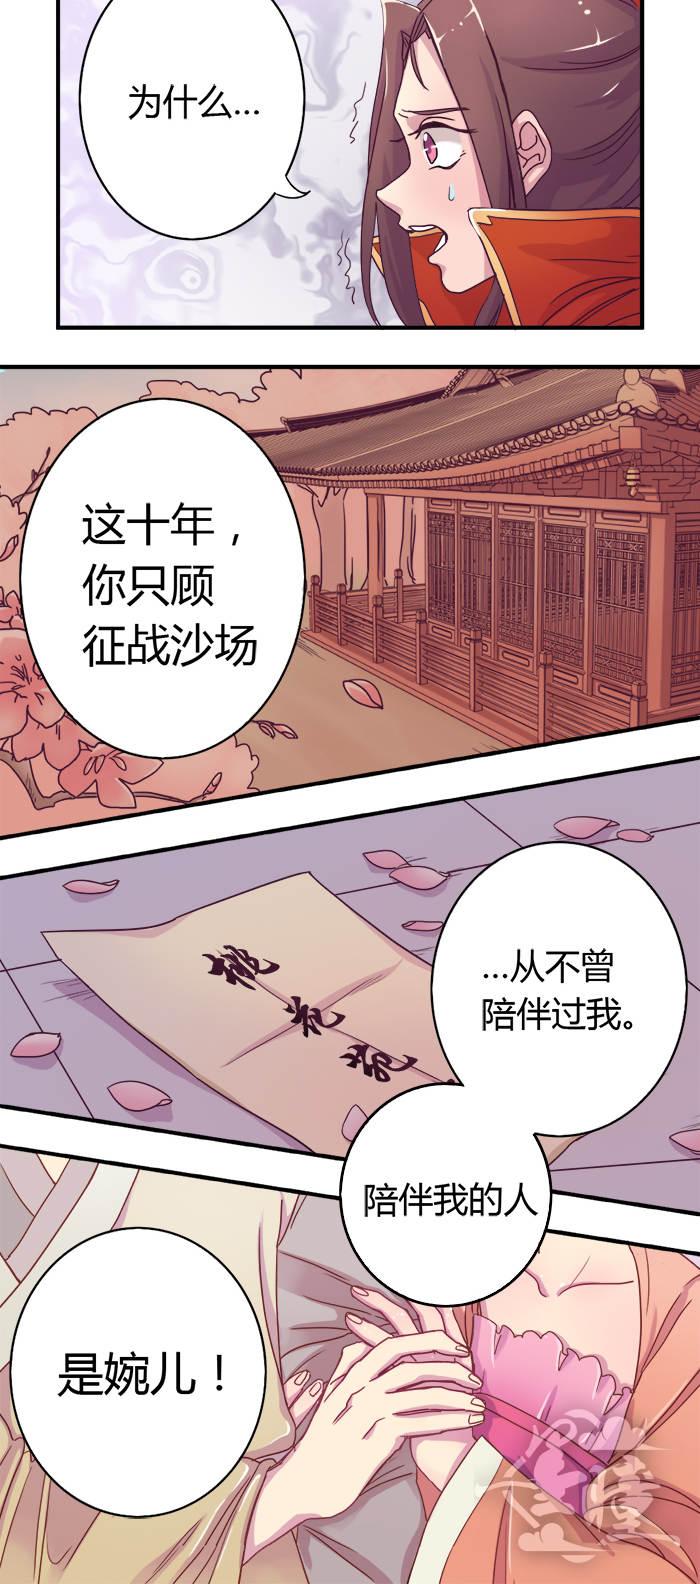 将军有喜第2话  悔婚(上) 第 8